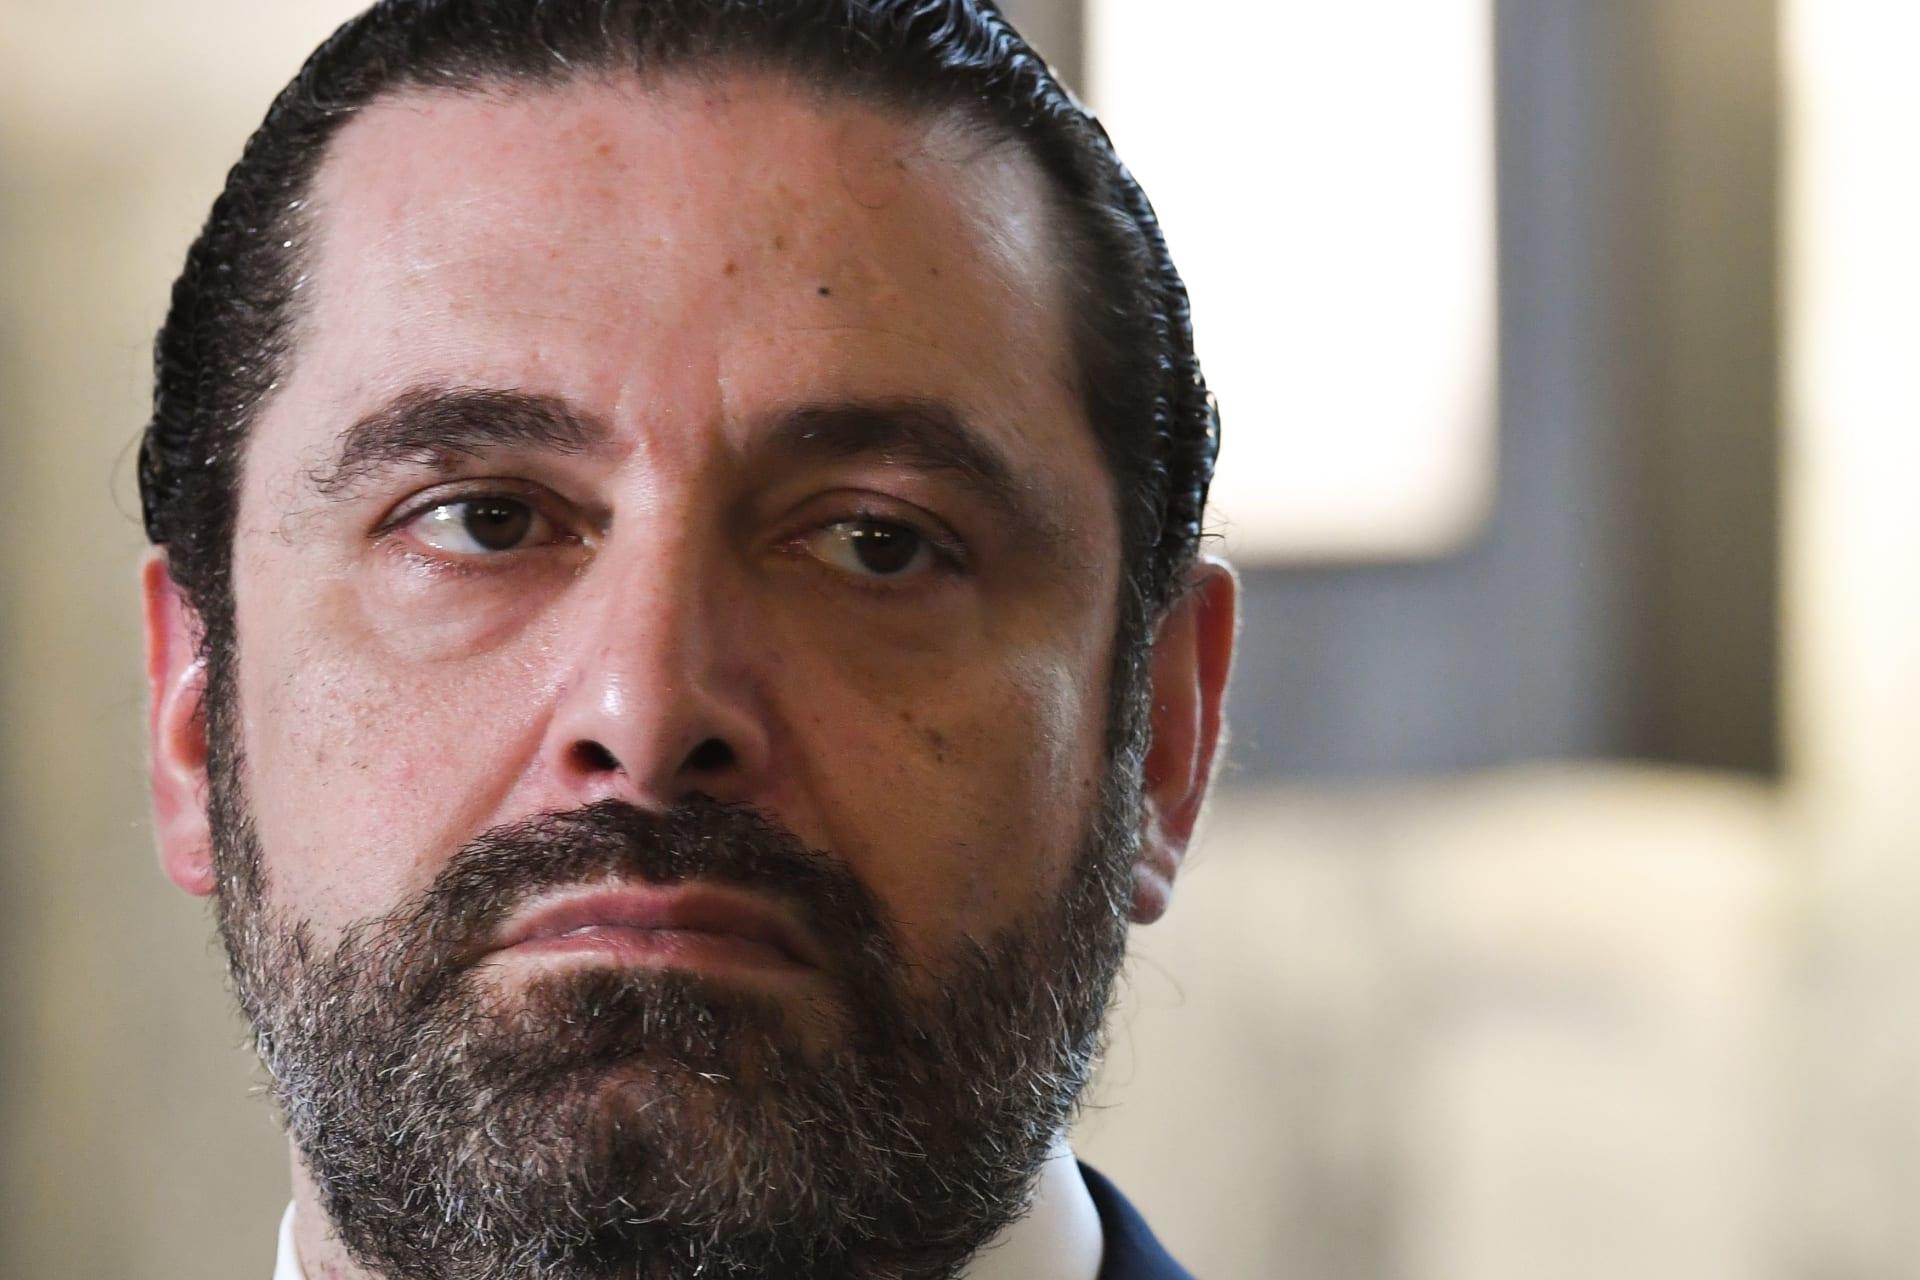 """الحريري يهاجم صحيفة لبنانية بعد مقال عن السعودية: """"لا يمت لأخلاق اللبنانيين بصلة"""""""